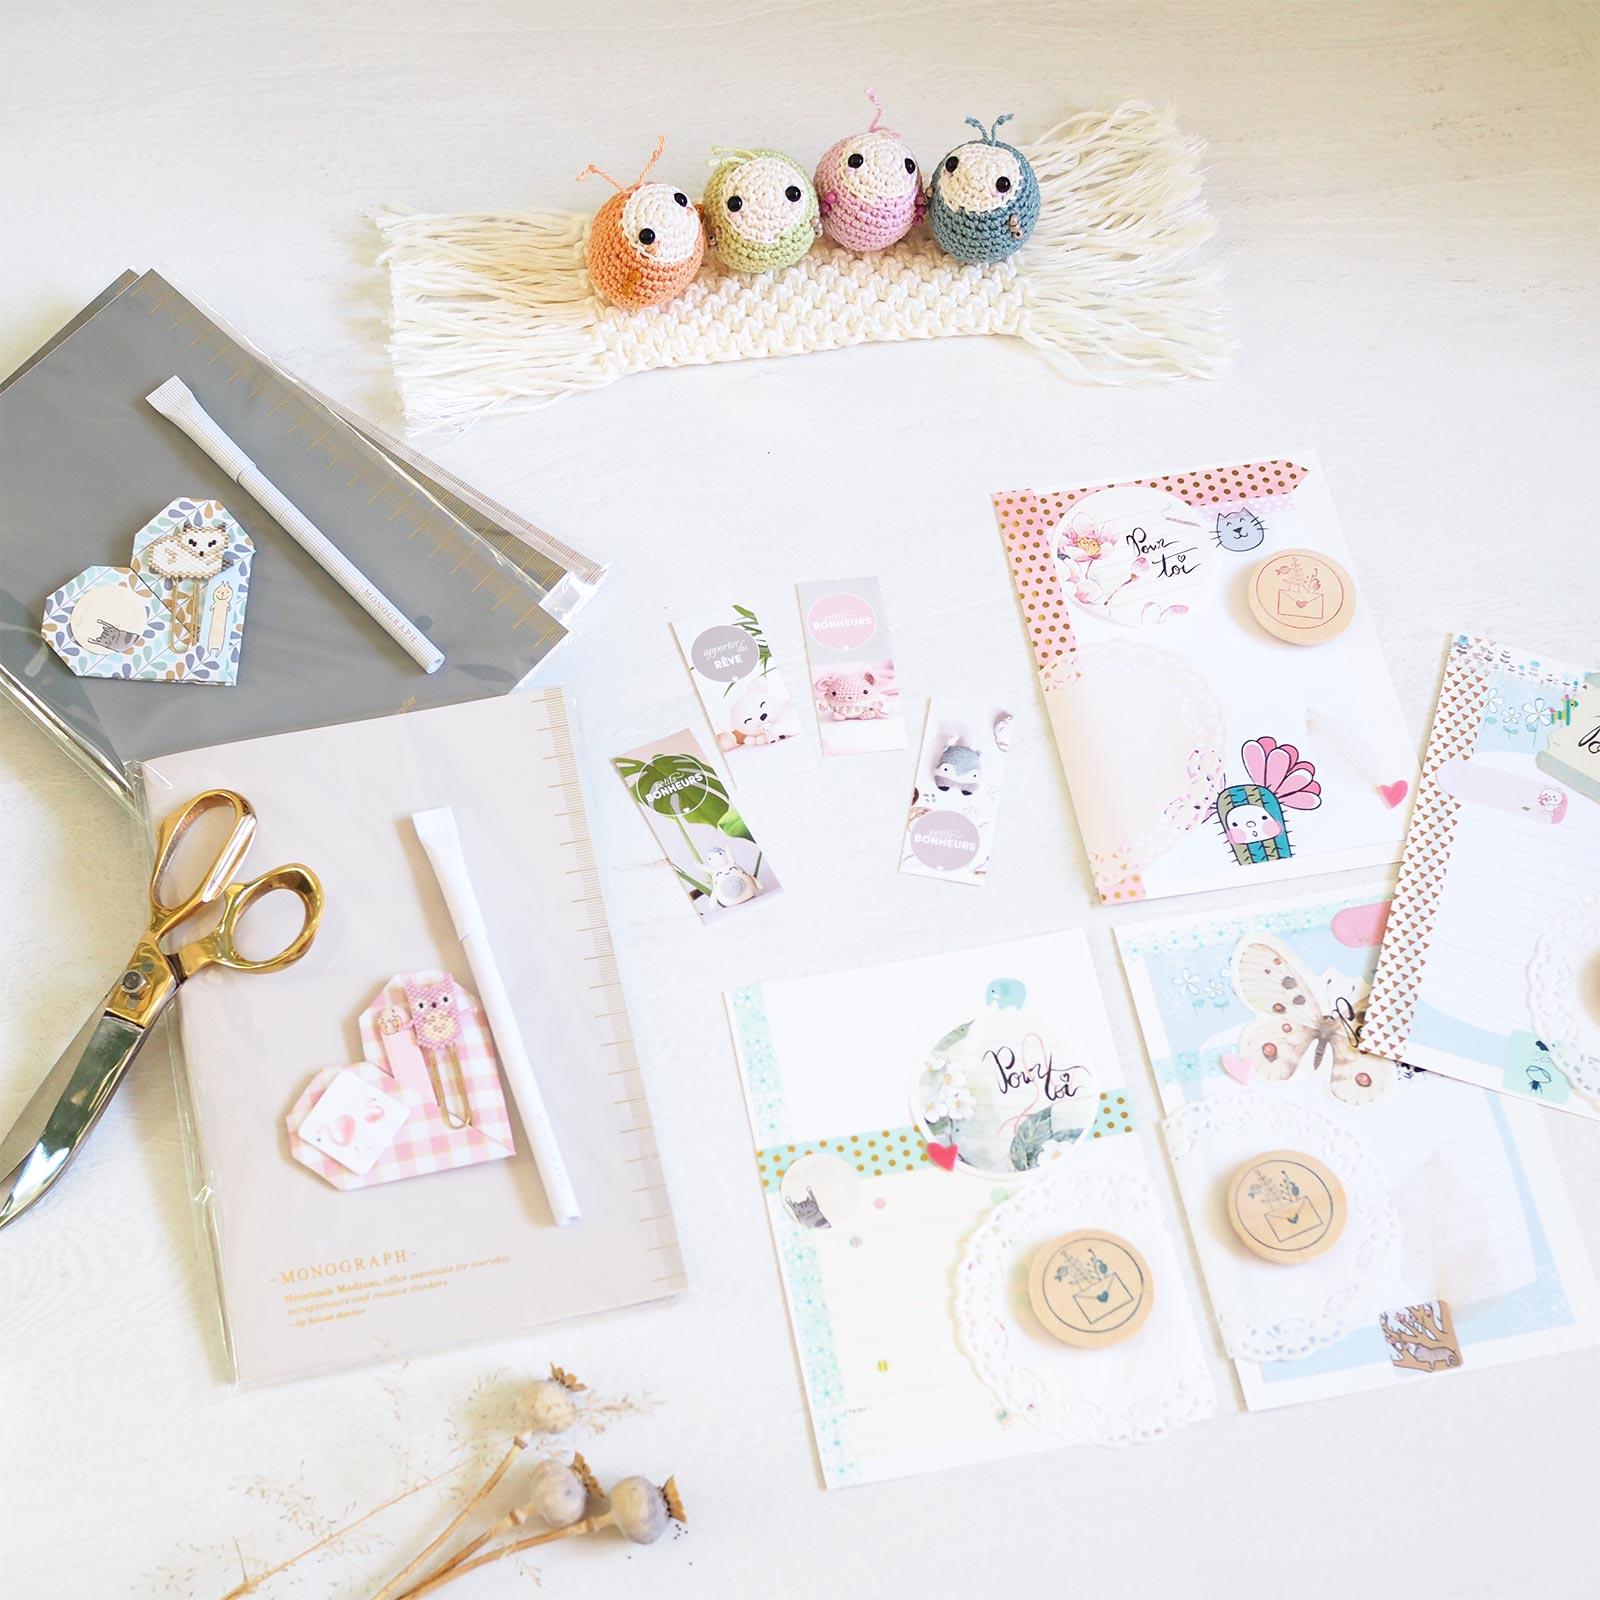 tissage Miyuki papeterie Monograph House Doctor créations enlainées crochet macramé teaforyoubijoux laboutiquedemelimelo